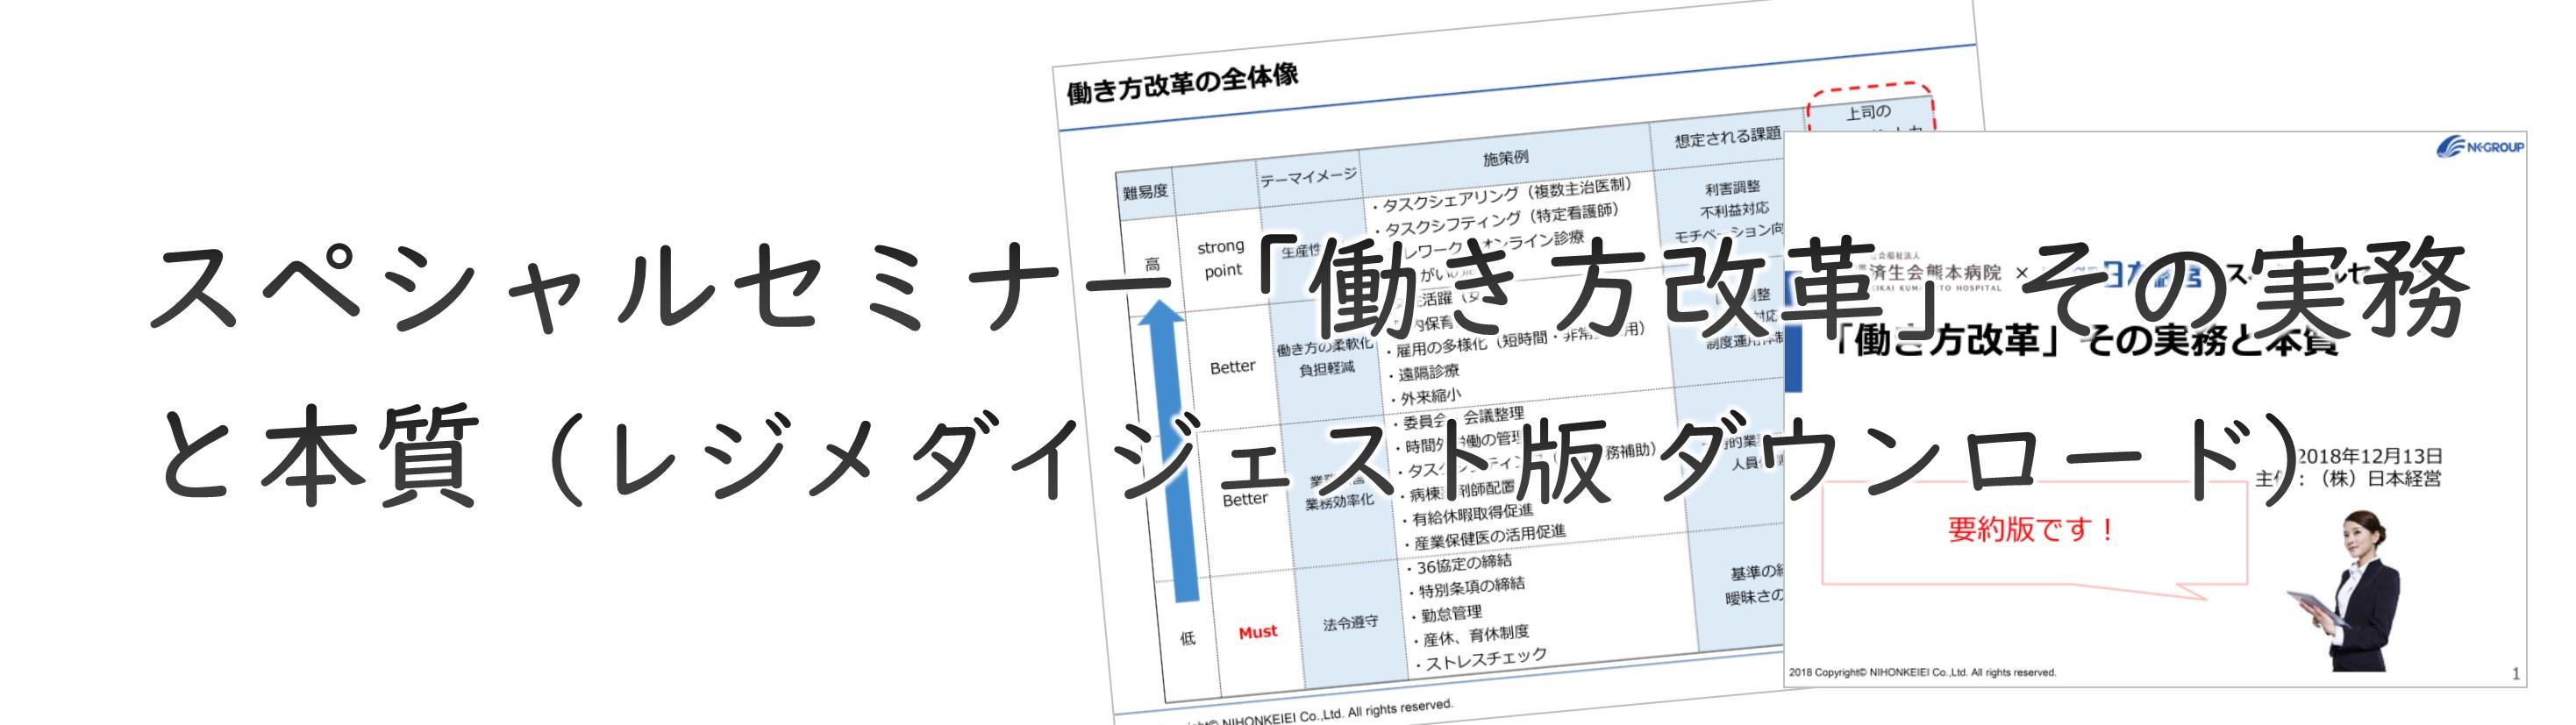 SEMI20181213.jpg